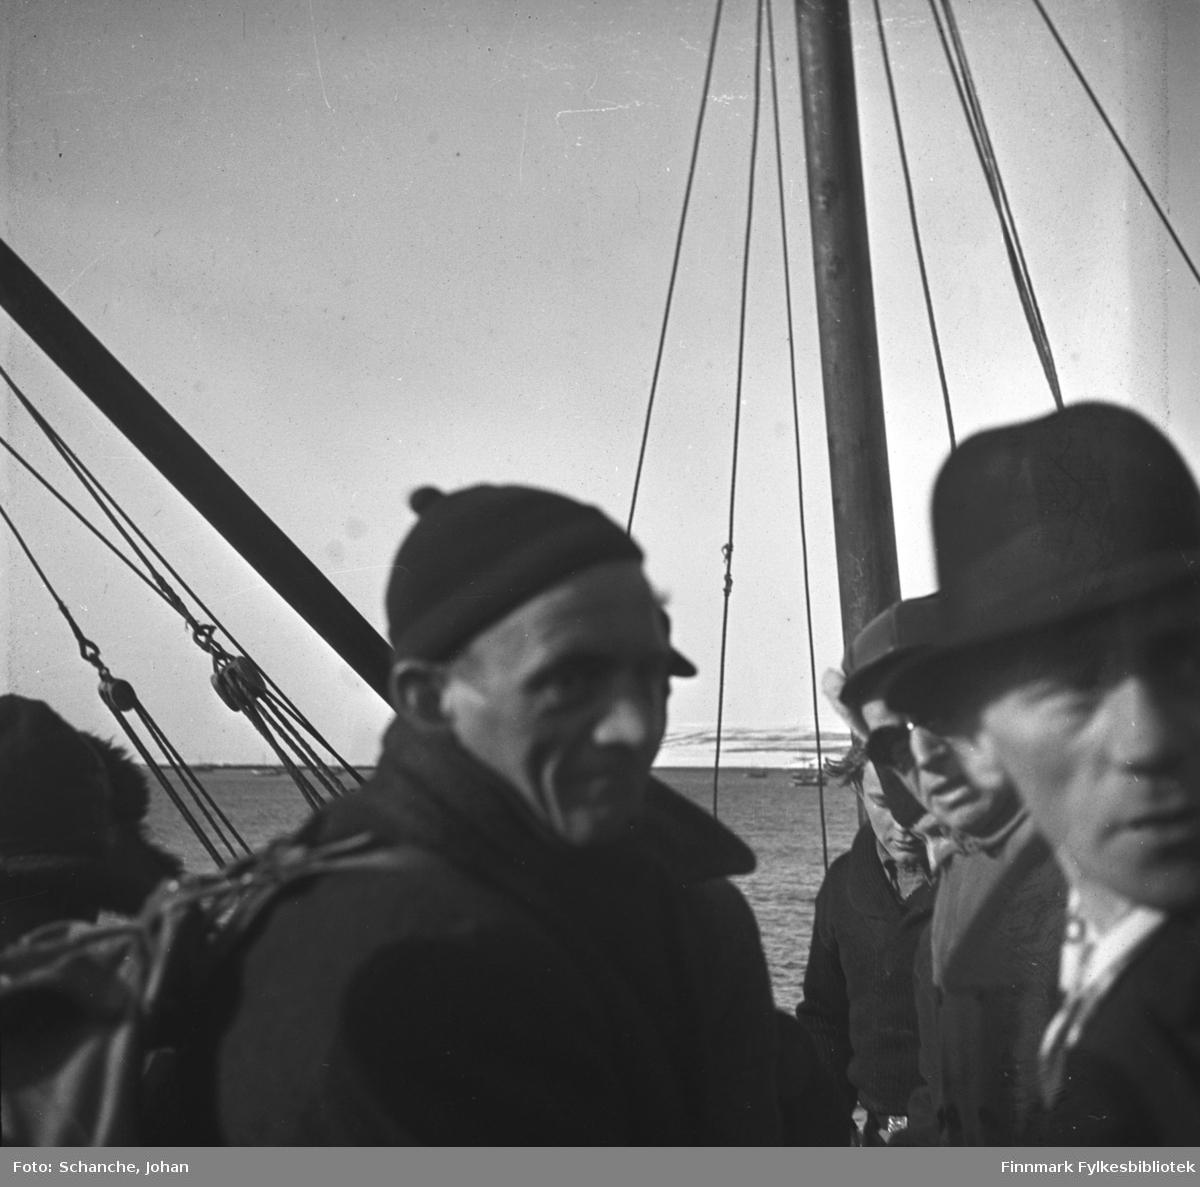 Fra kretsrennet i Vadsø 1946. Olav Økern ankommer Vadsø for å delta. Vi ser han midt på bildet, med strikkalue og ryggsekk. Det er flere menn på bildet, den nærmeste i hatt. De er frem- deles ombord i en båt.